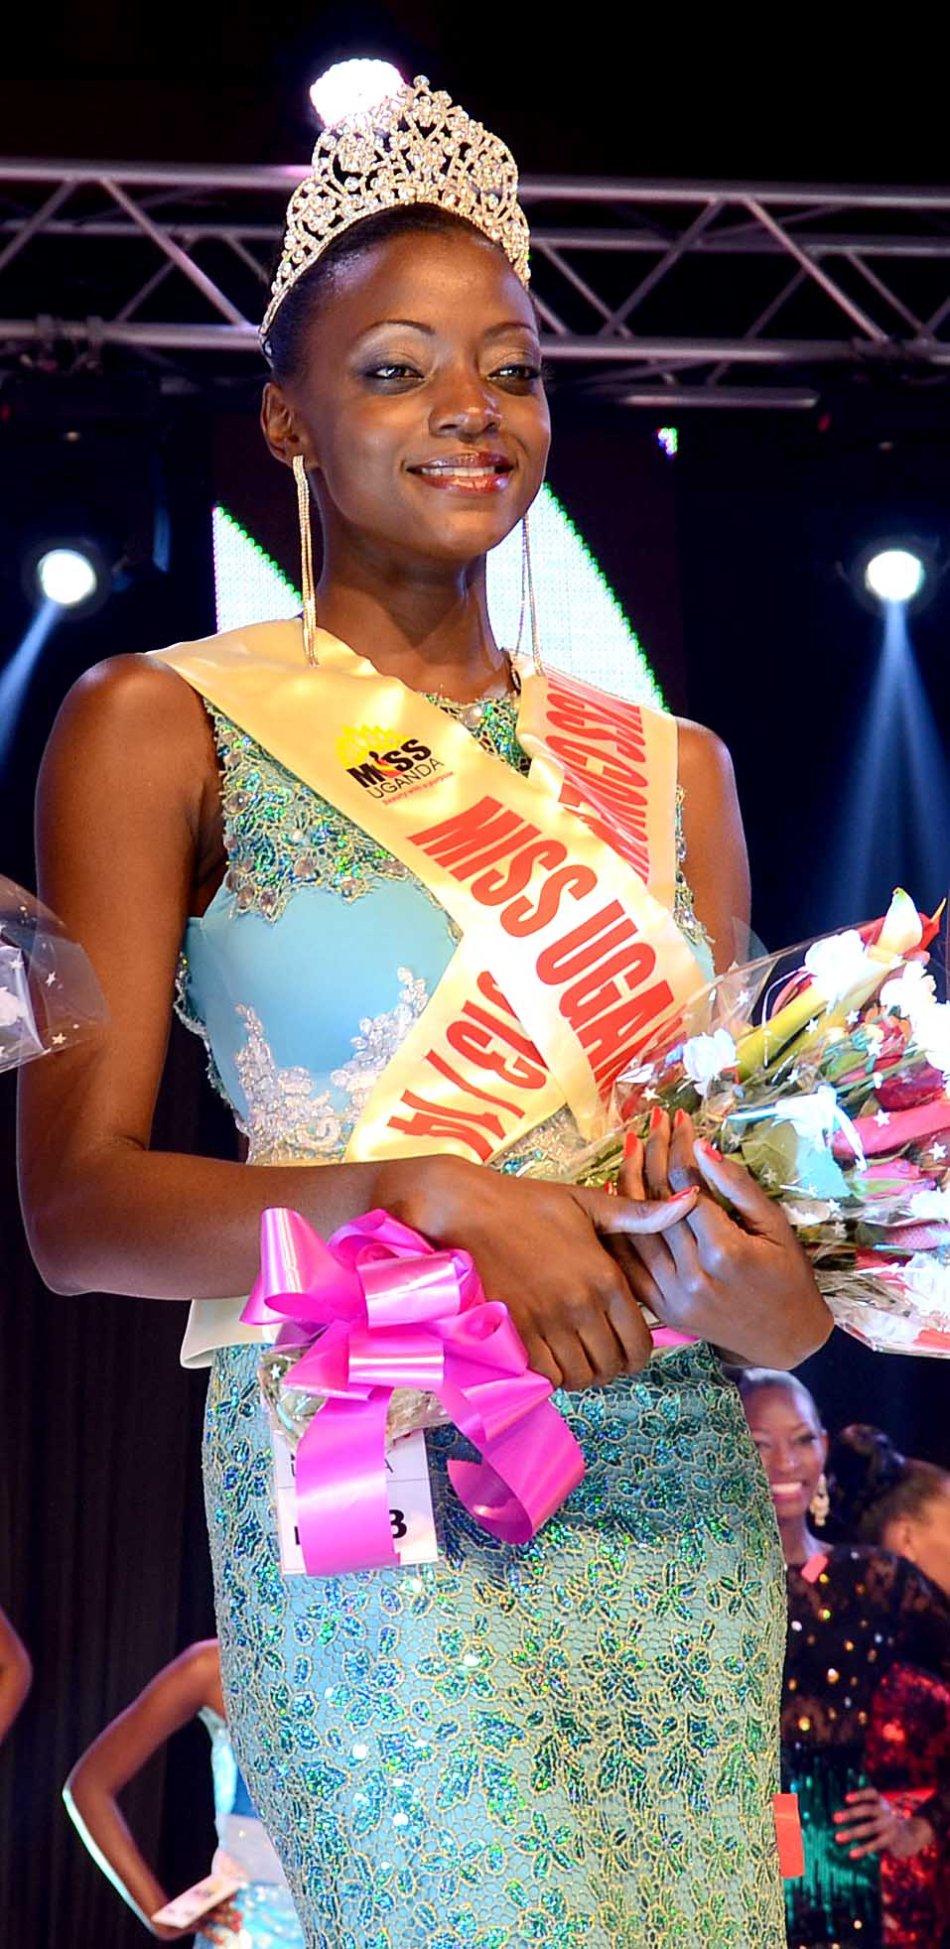 Stellah Nantumbwe Miss Uganda 2013/14